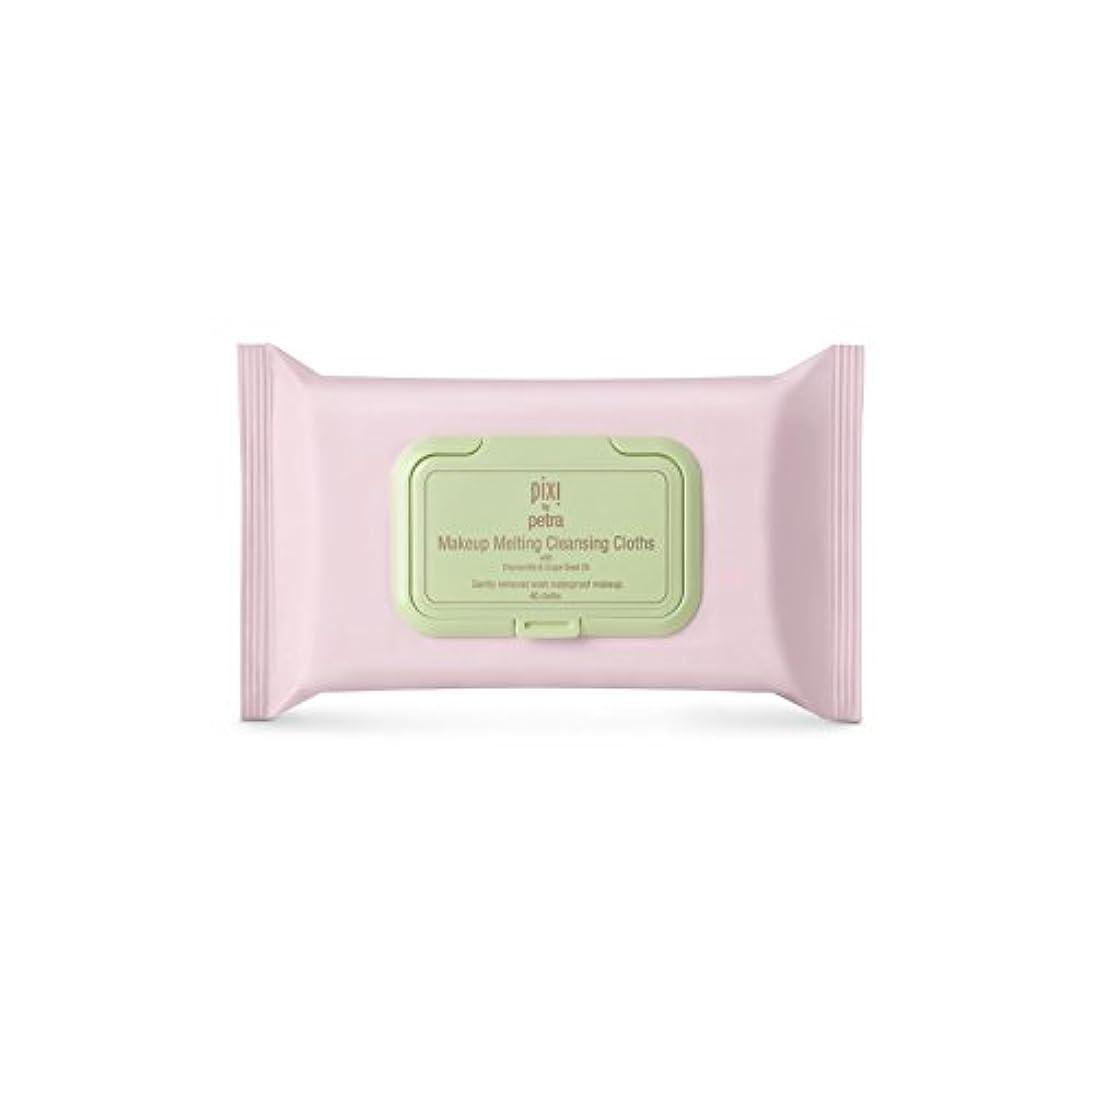 ミニ証言エージェント化粧溶融クレンジングクロス x2 - Pixi Makeup Melting Cleansing Cloths (Pack of 2) [並行輸入品]